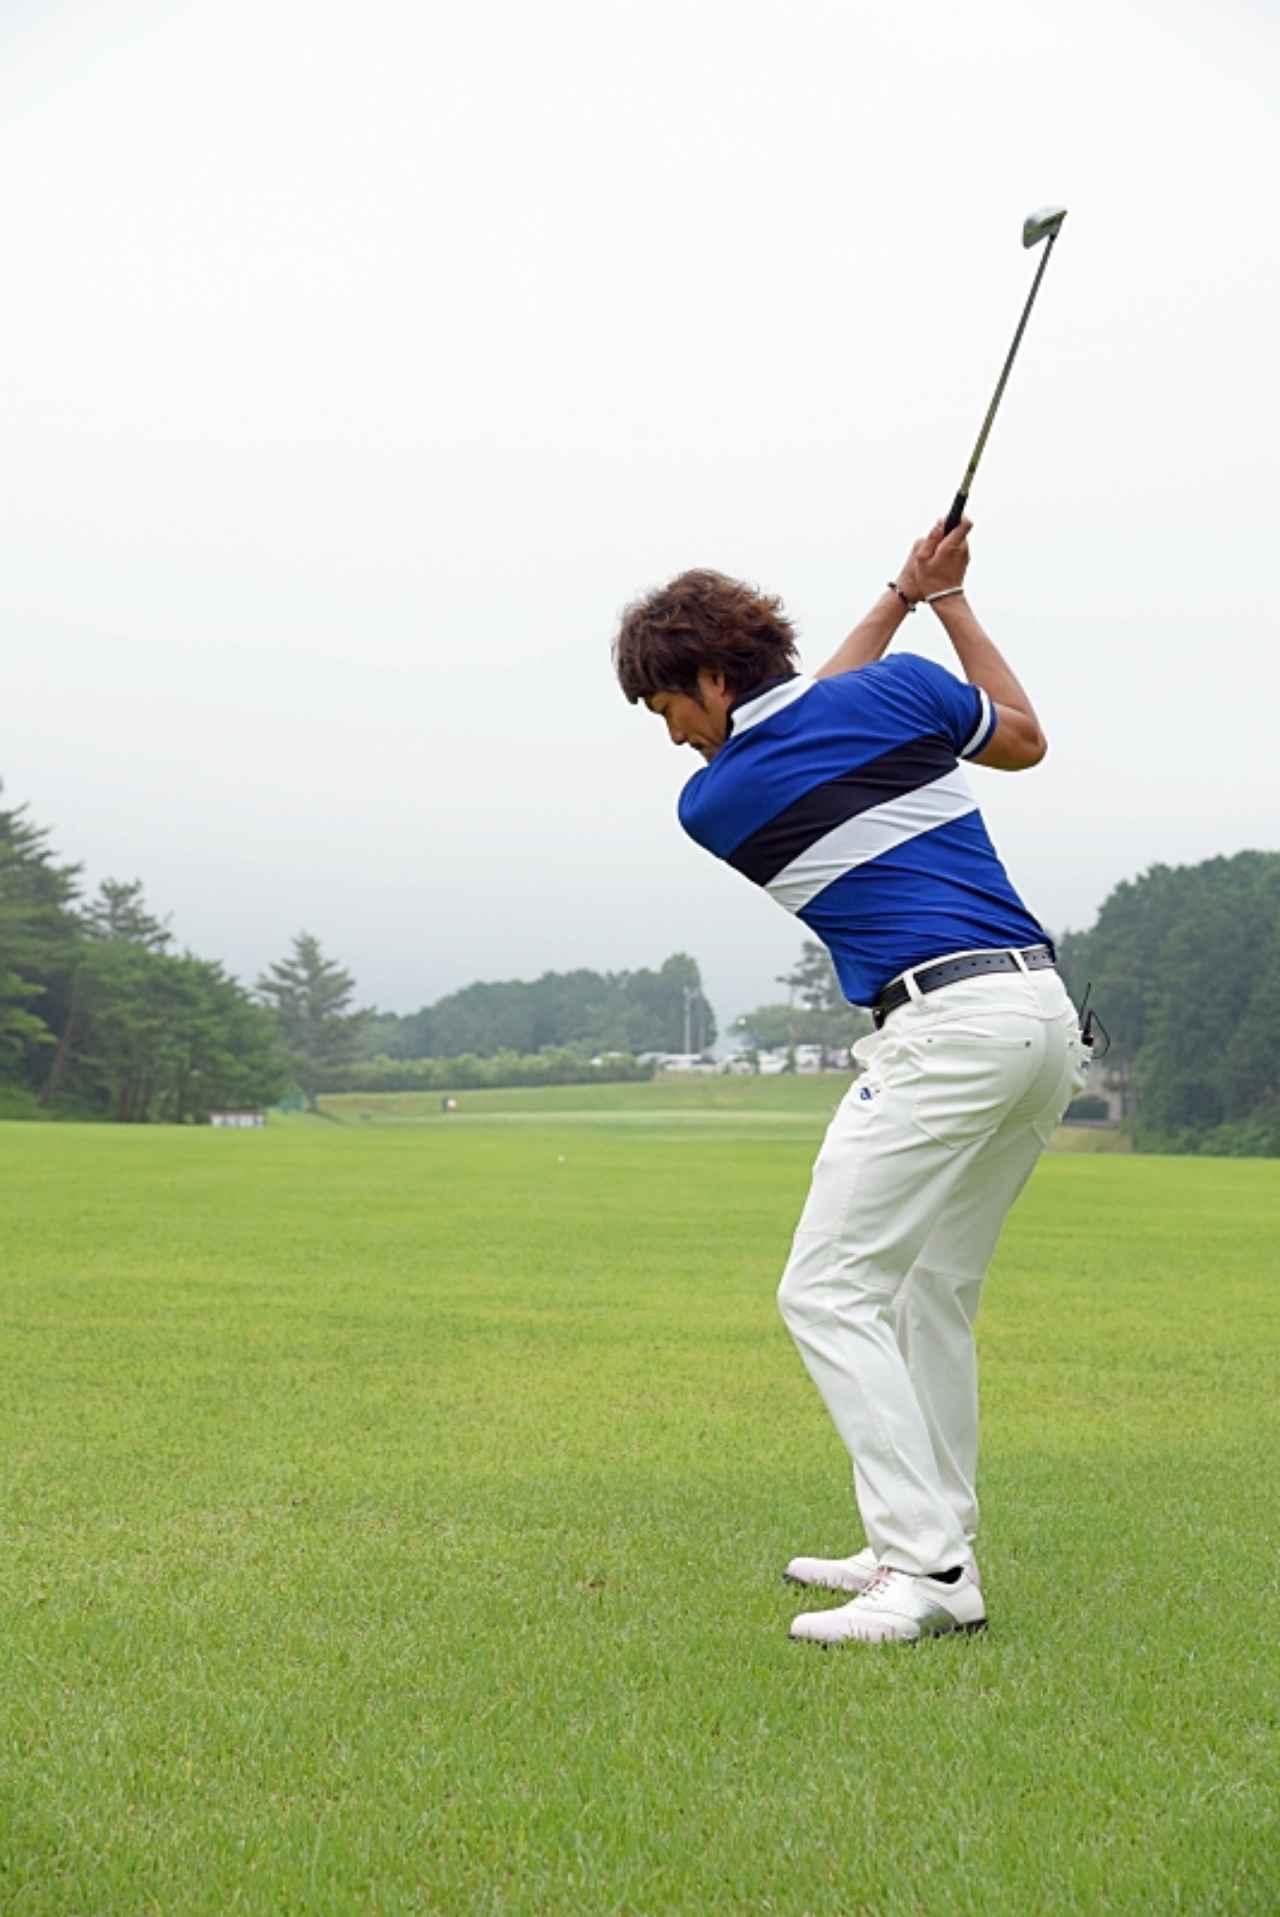 画像4: デイに学ぶルーティン術。ドローを打つなら前に出すのは「左足」